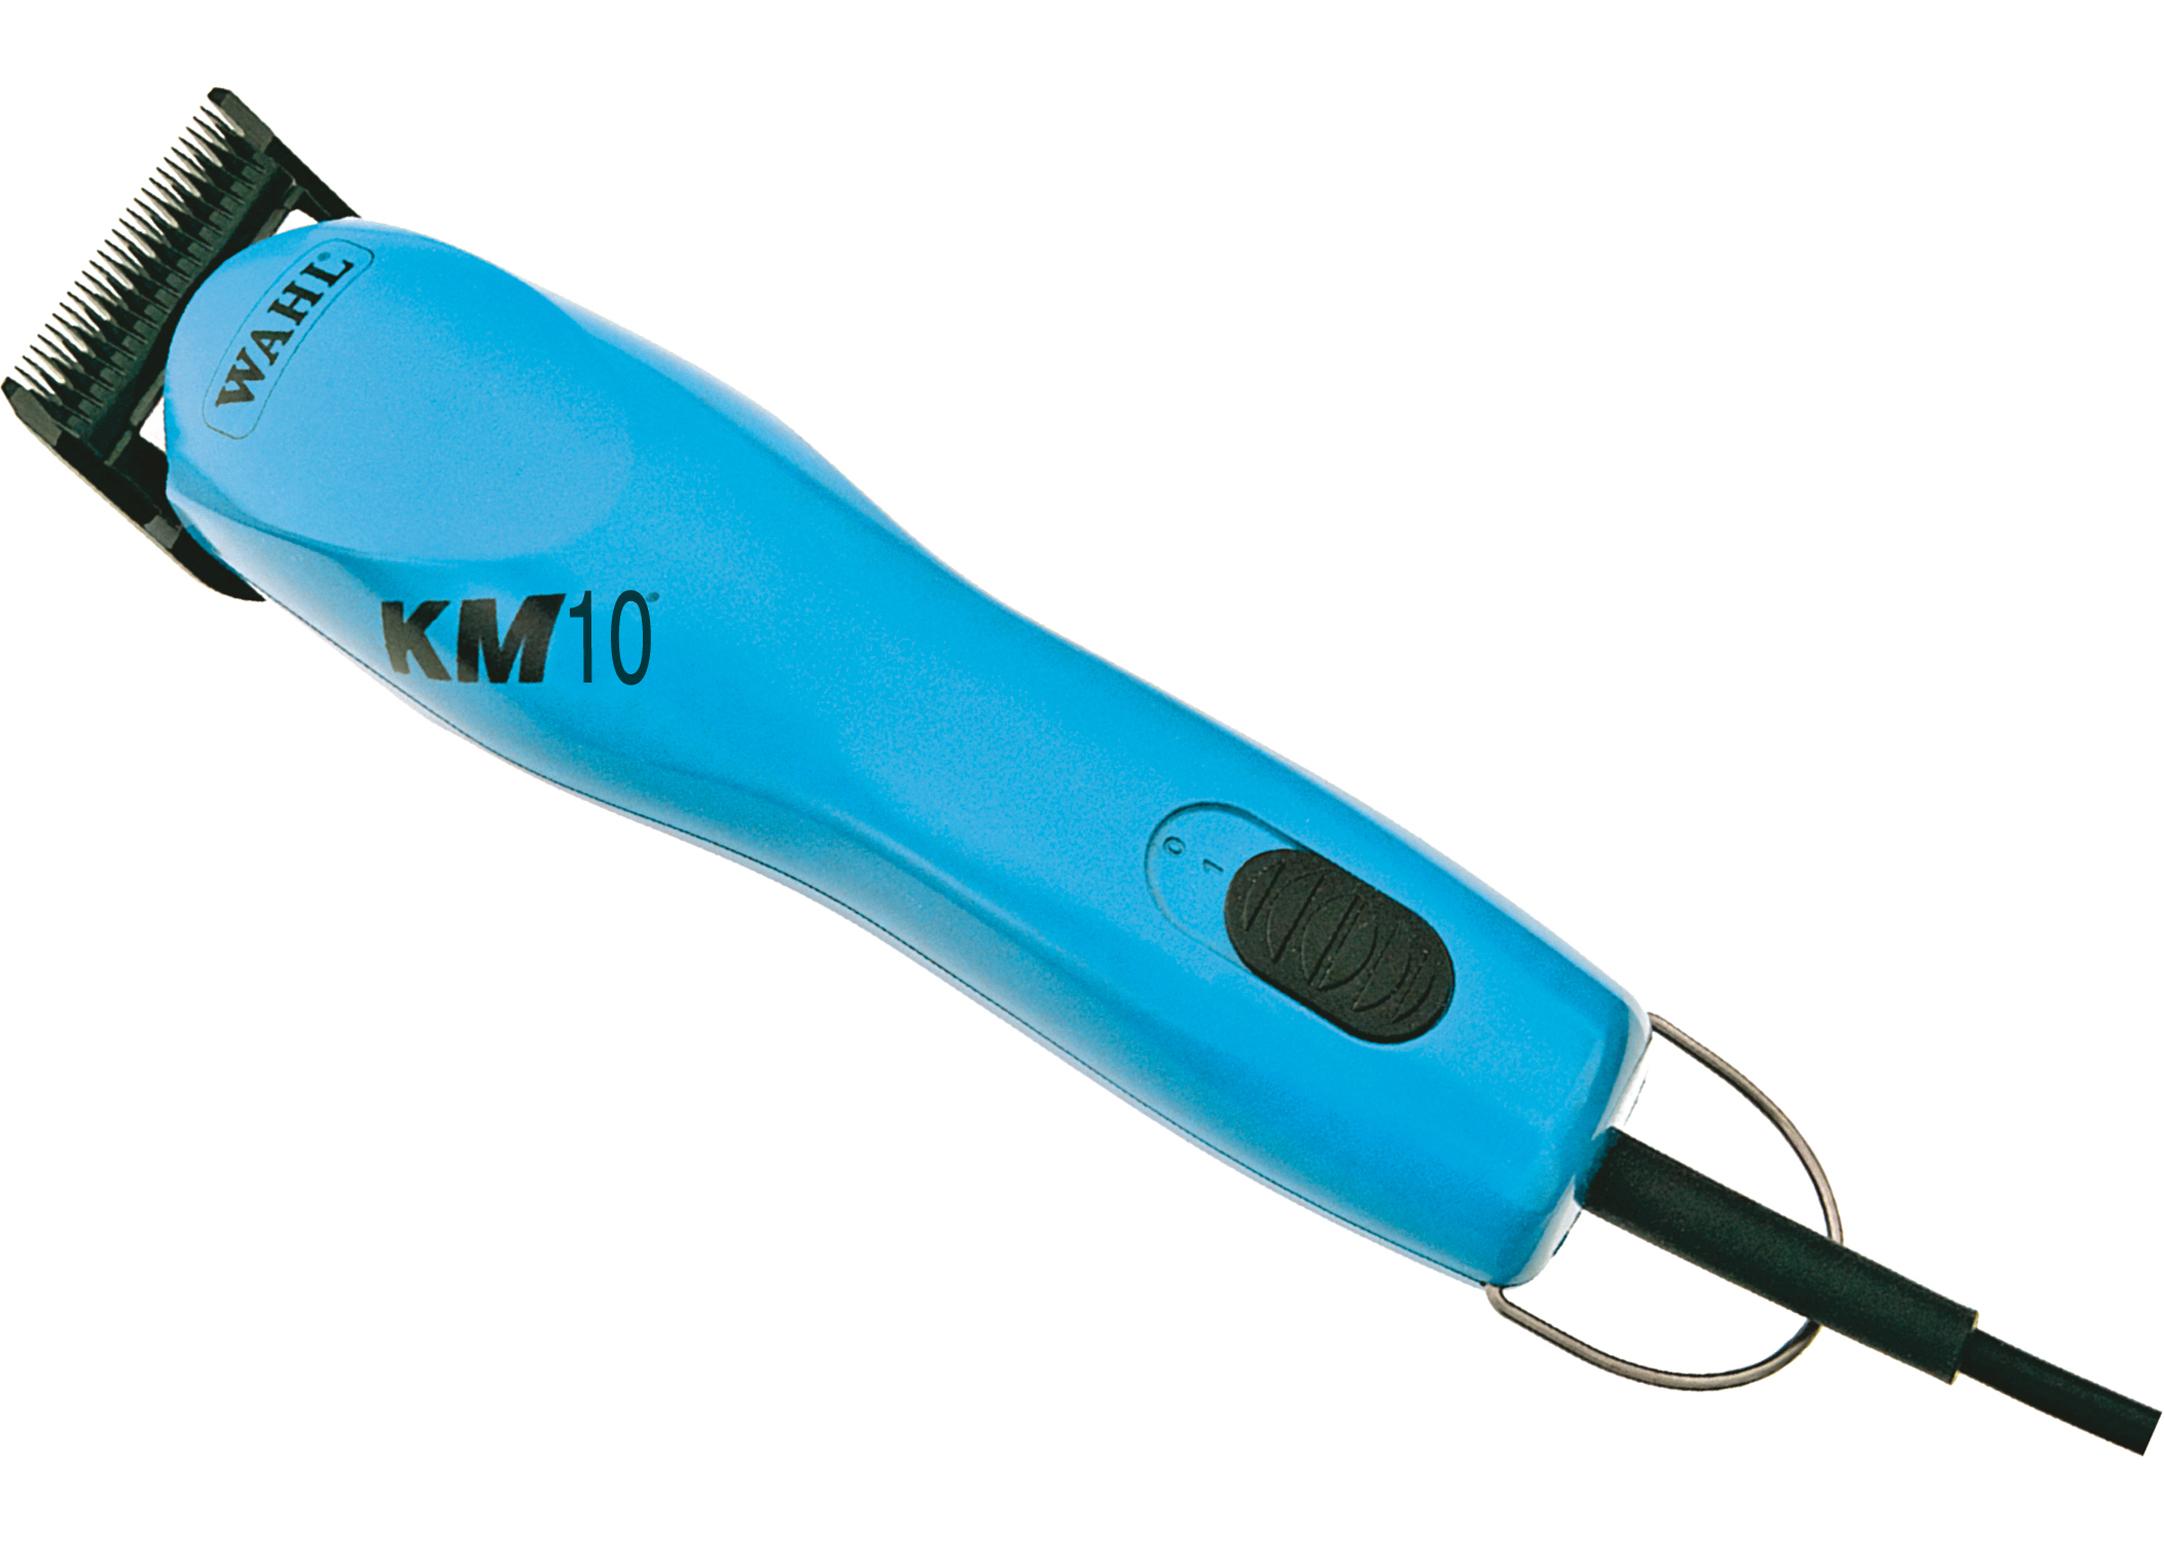 Wahl KM10 2 Speed Tondeuse met Draad